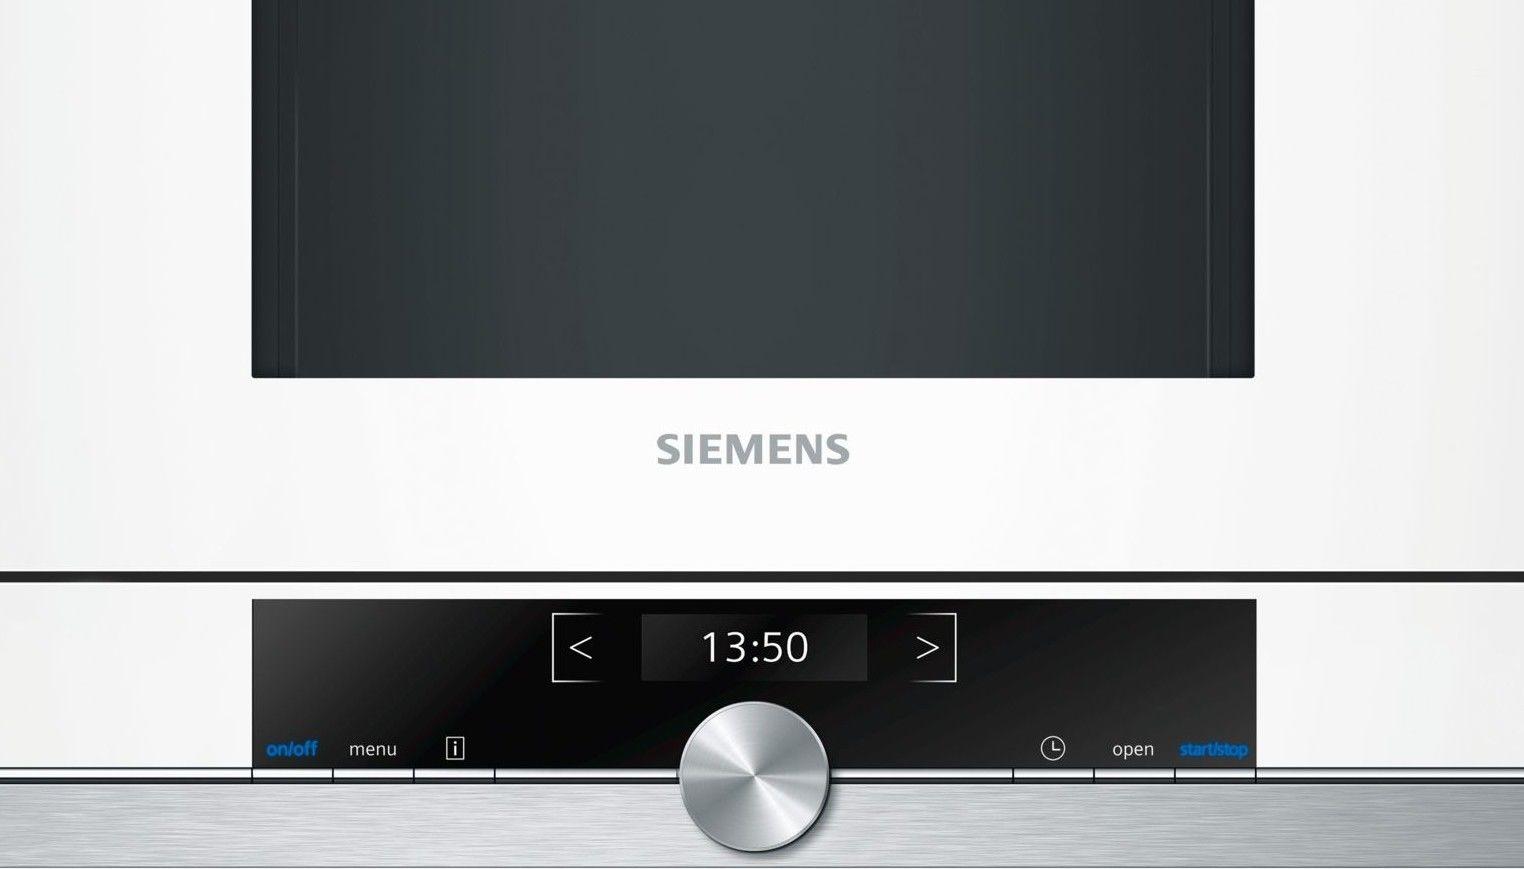 Mikrofala Siemens BF634RGW1 sLine, I tel. (22) 266 82 20 I Raty 0 % I kto pyta płaci mniej I Płatności online !